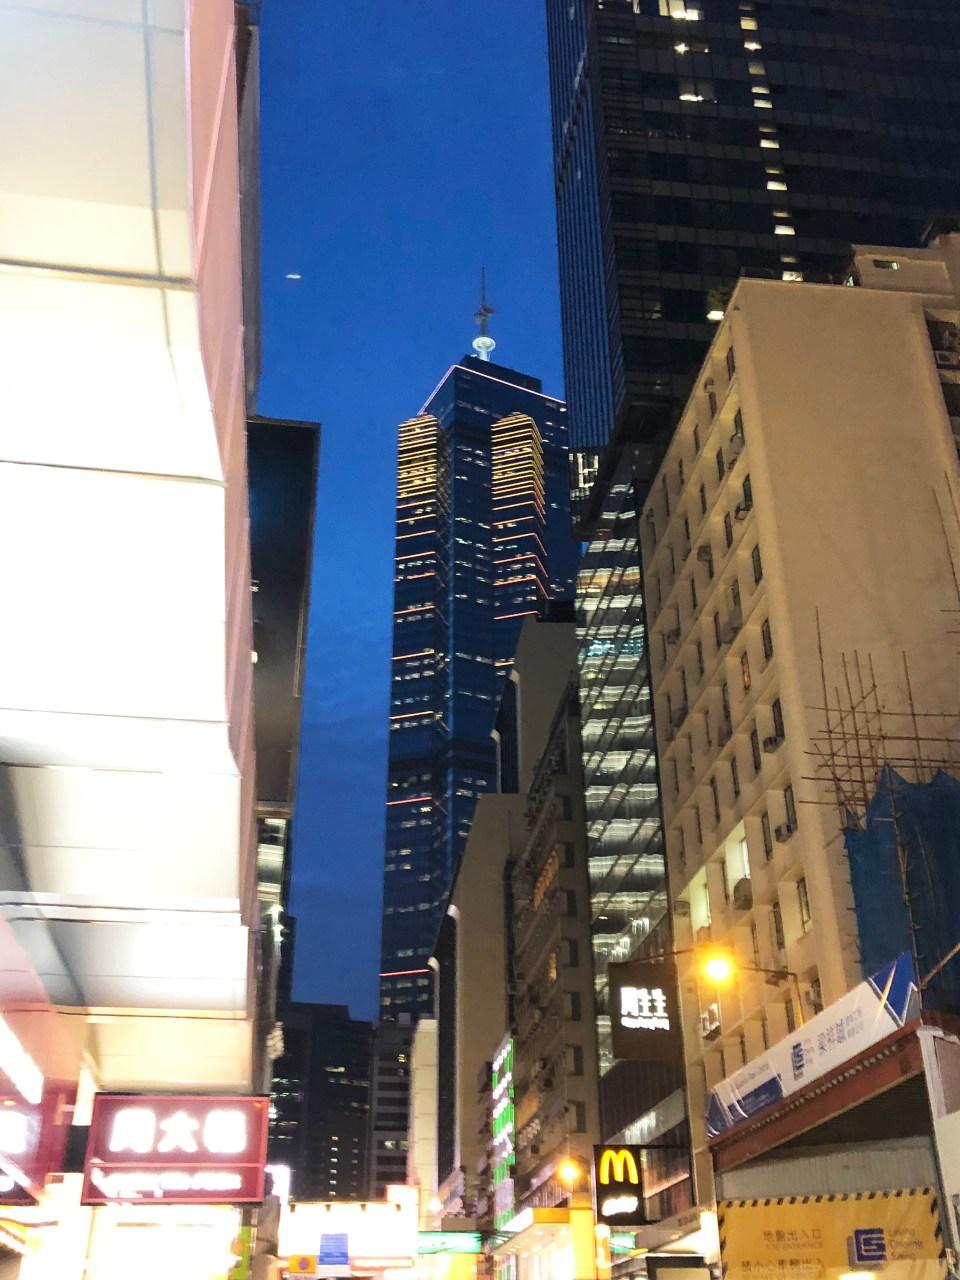 Hong Kong - Central at night